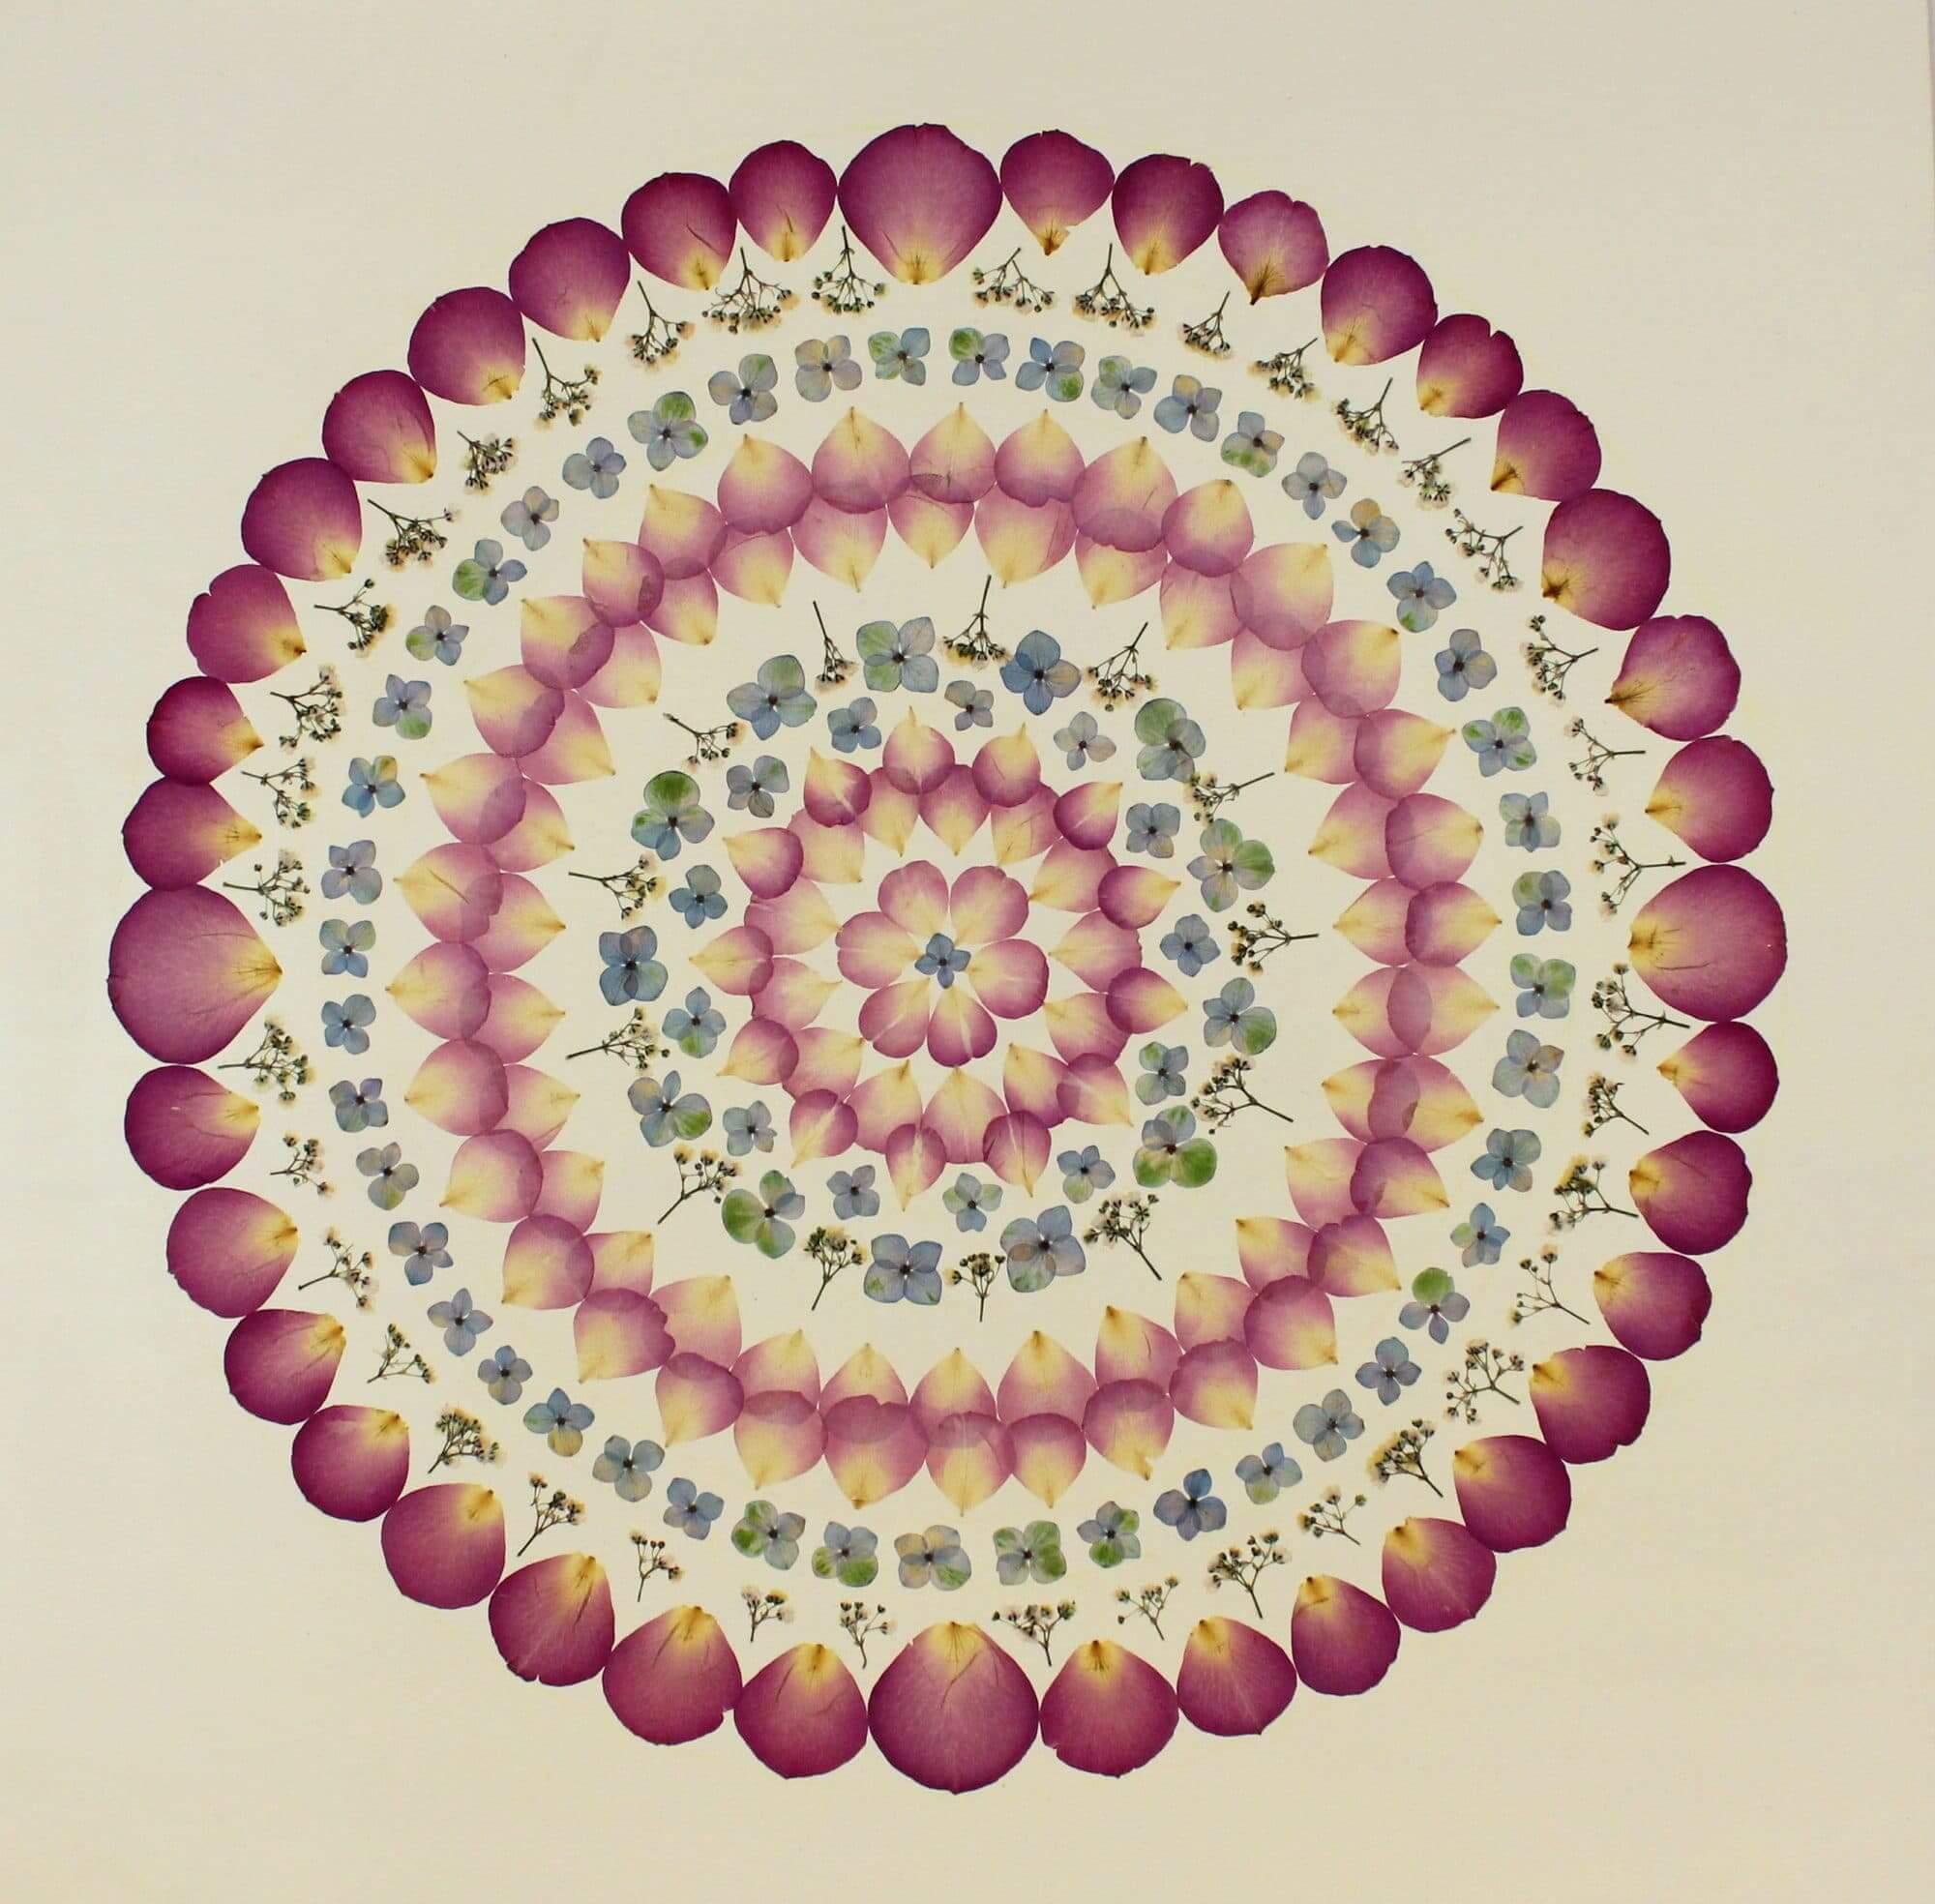 Brautstrauss trocknen_flora-metaphorica.com Vicky Welk